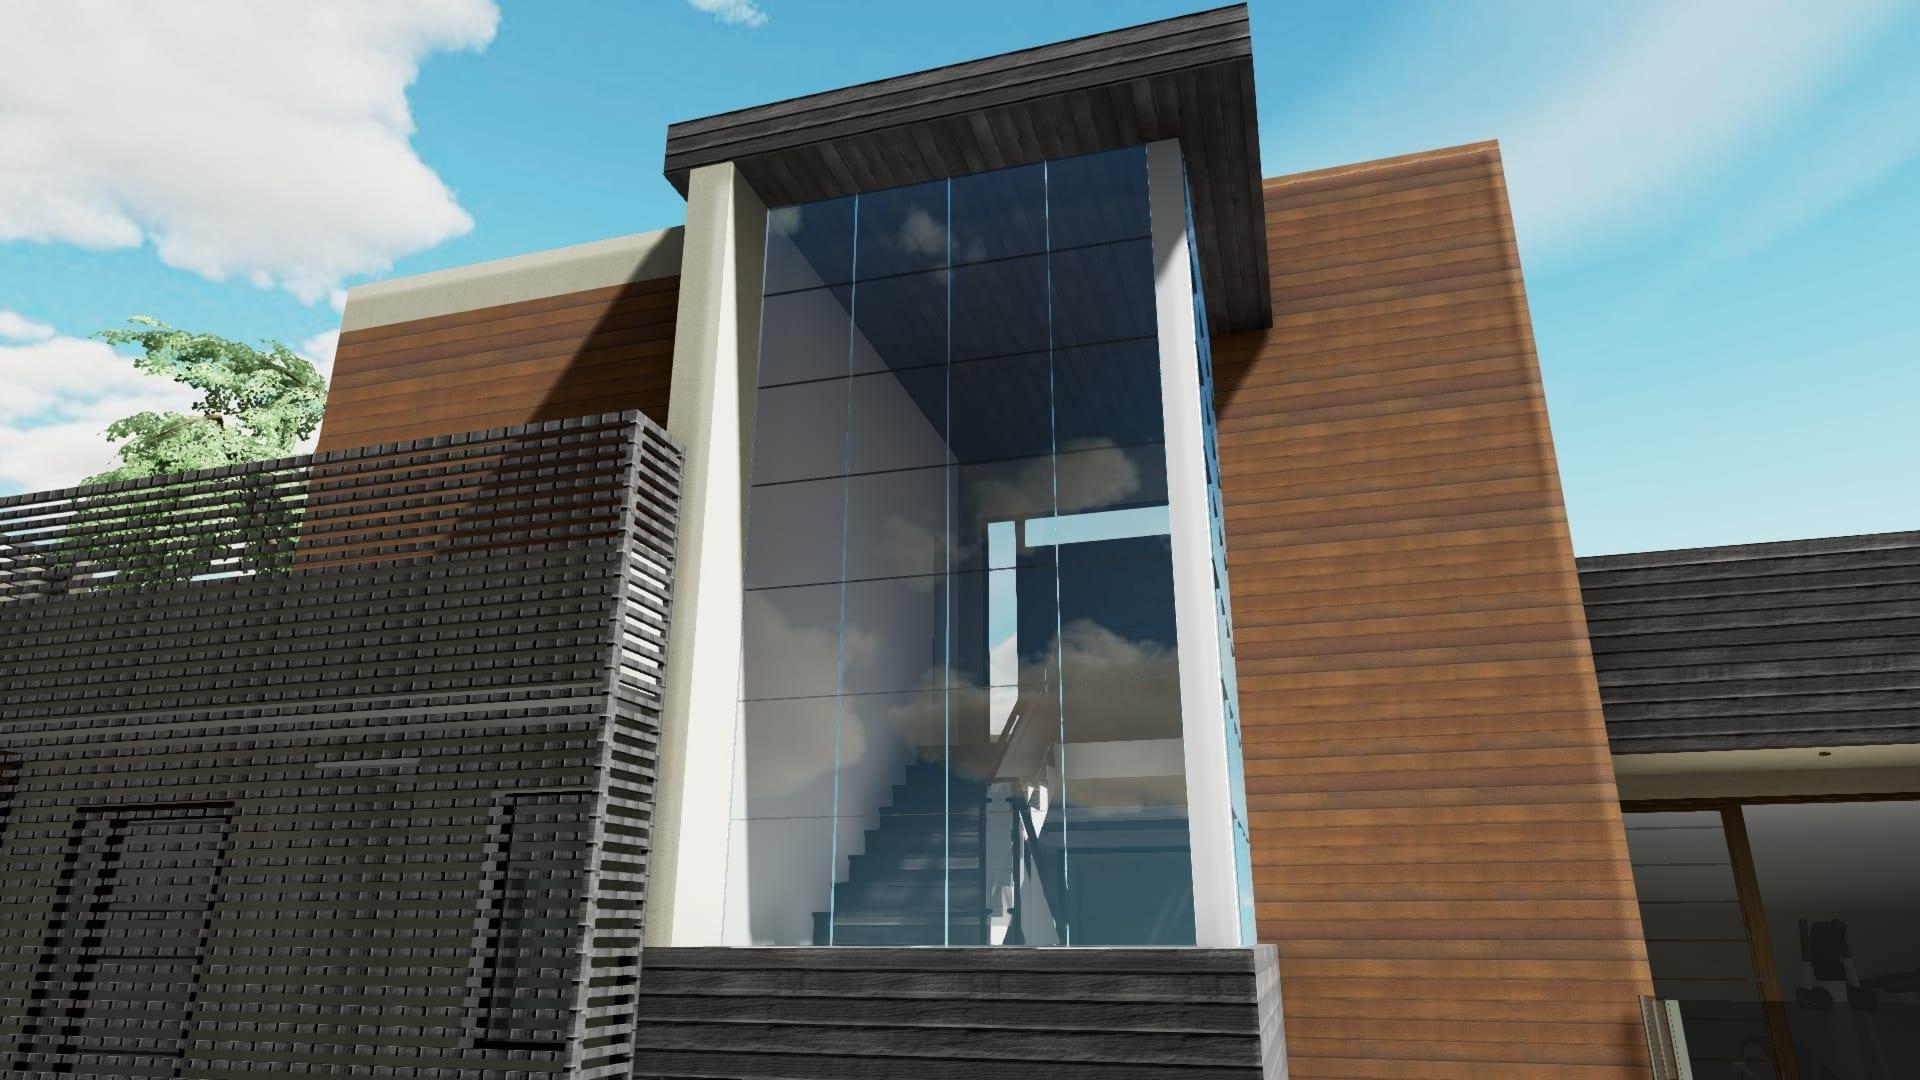 Cuboid-House-Edificius-BIM-software-render-curtain-wall